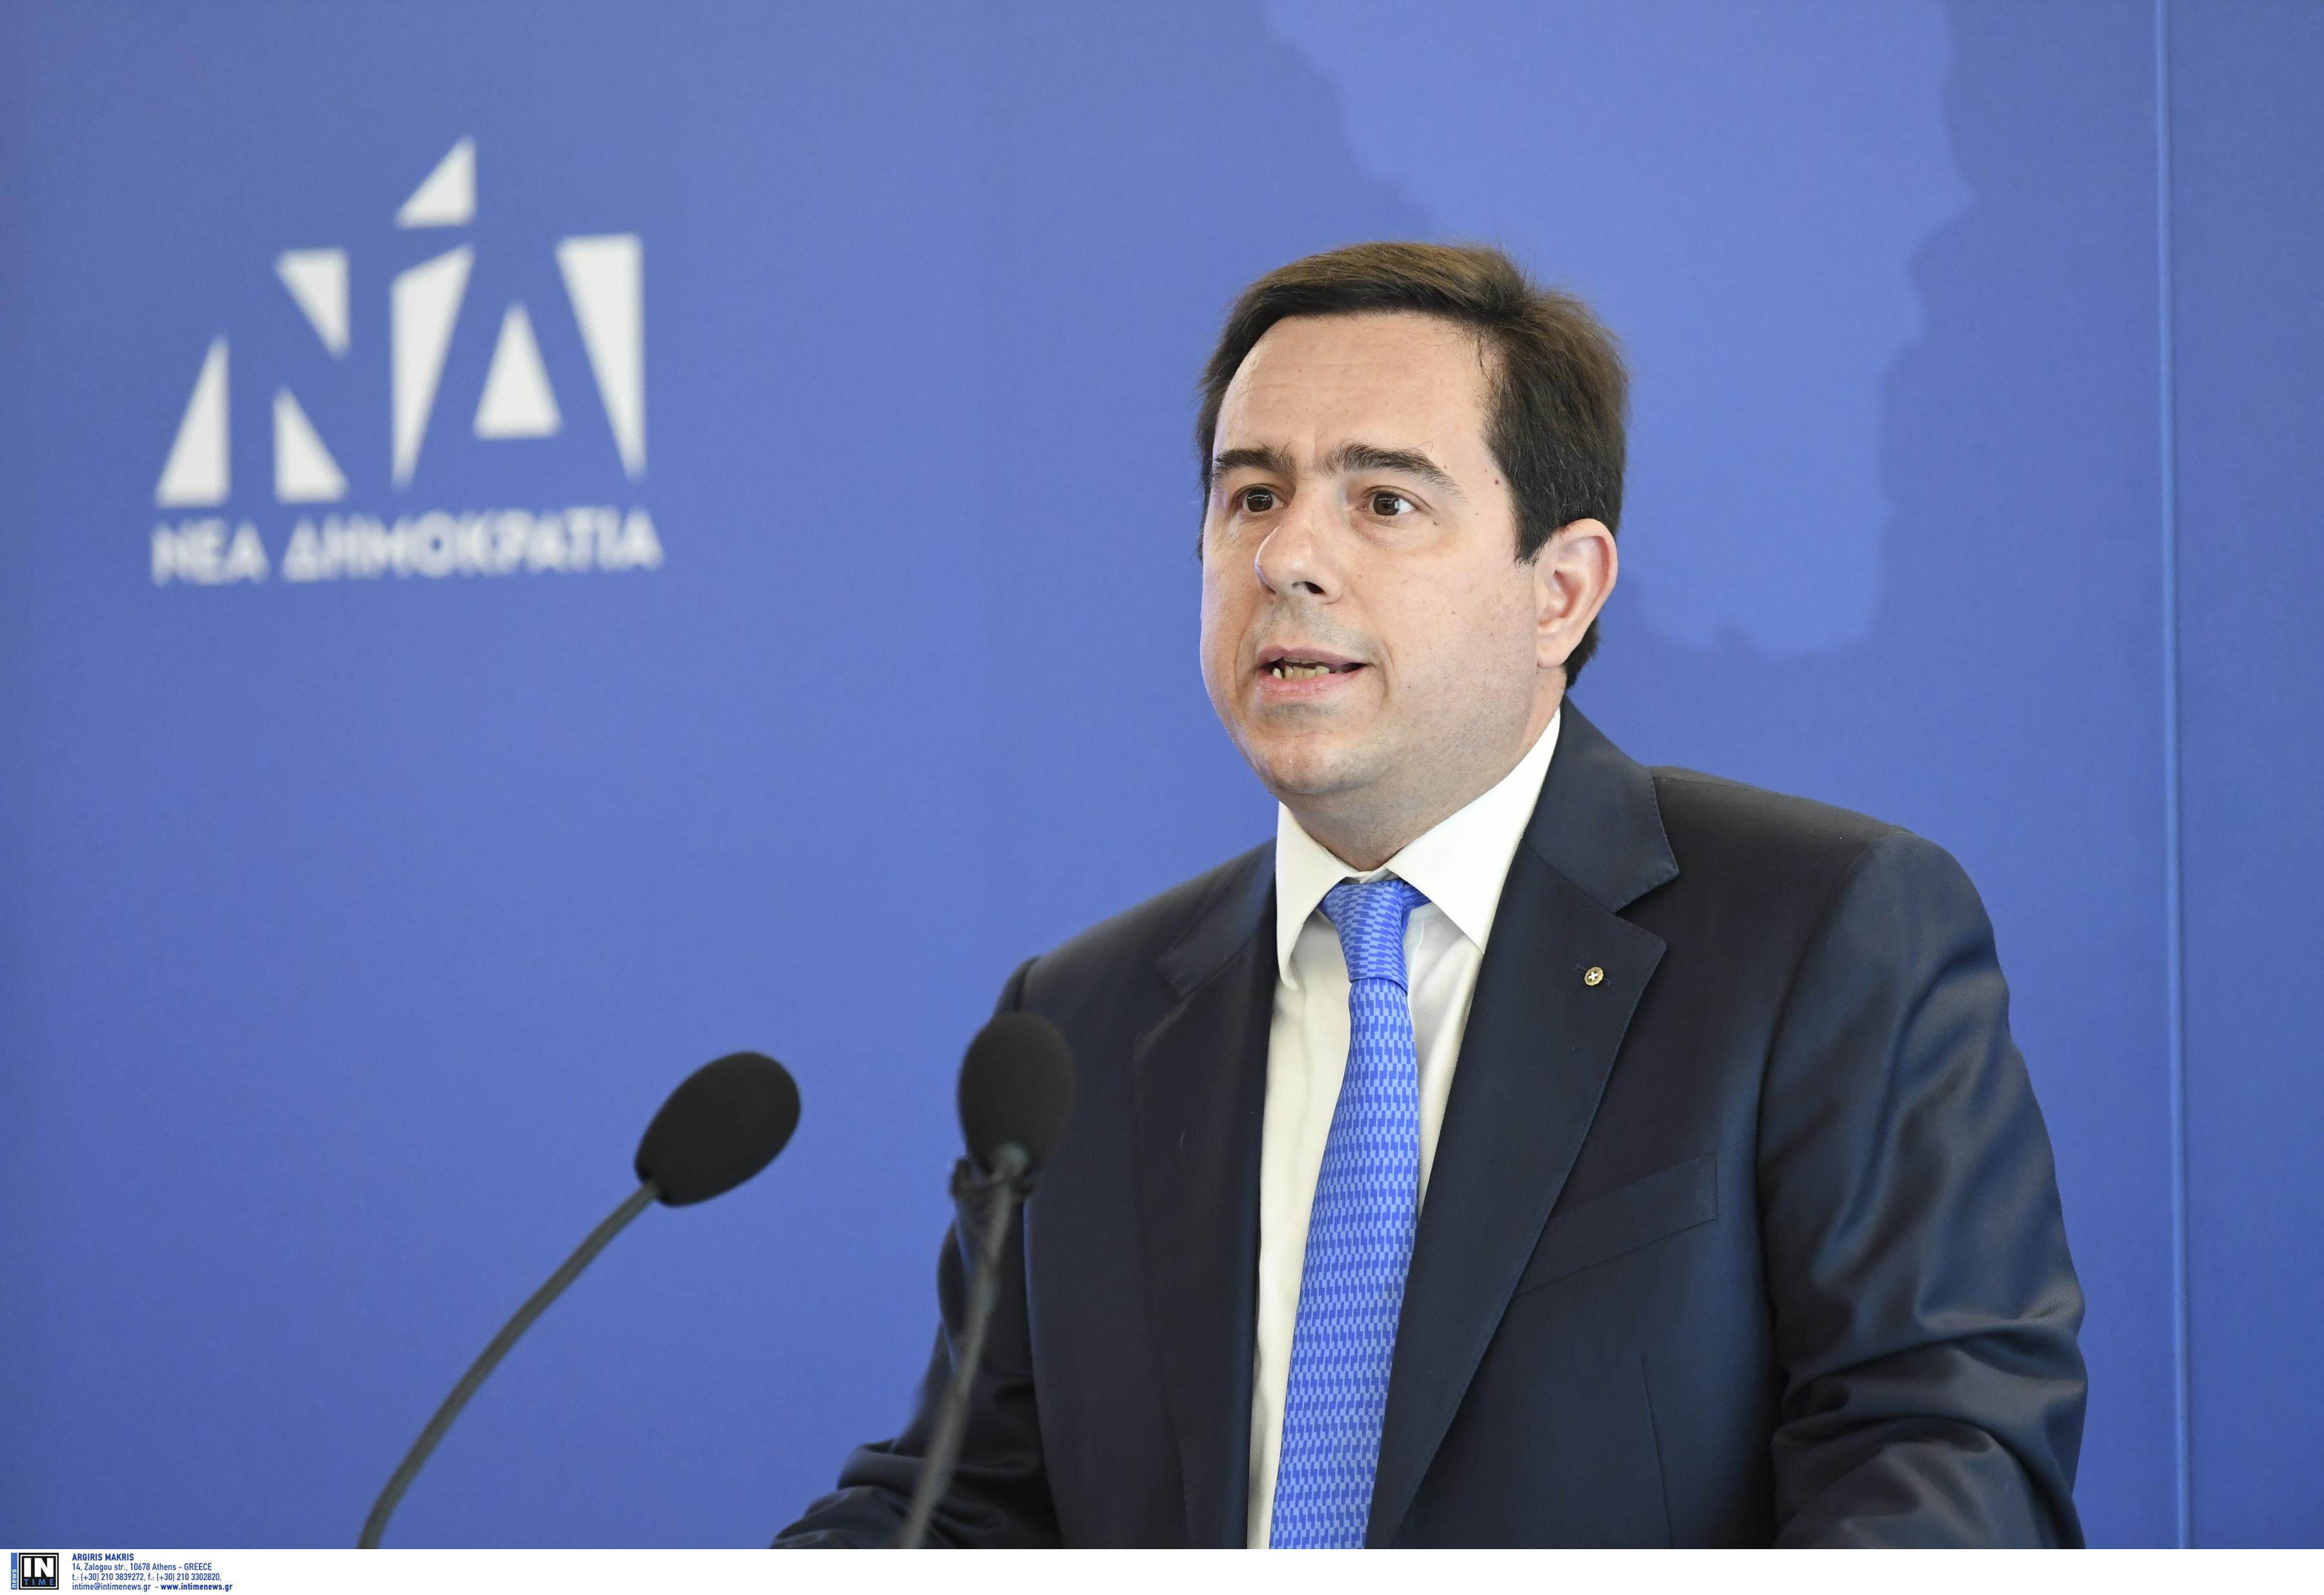 Ιδρύθηκε υπουργείο Μετανάστευσης! Υπουργός ο Νότης Μηταράκης - Η σημασία της κίνησης και το... παρασκήνιο